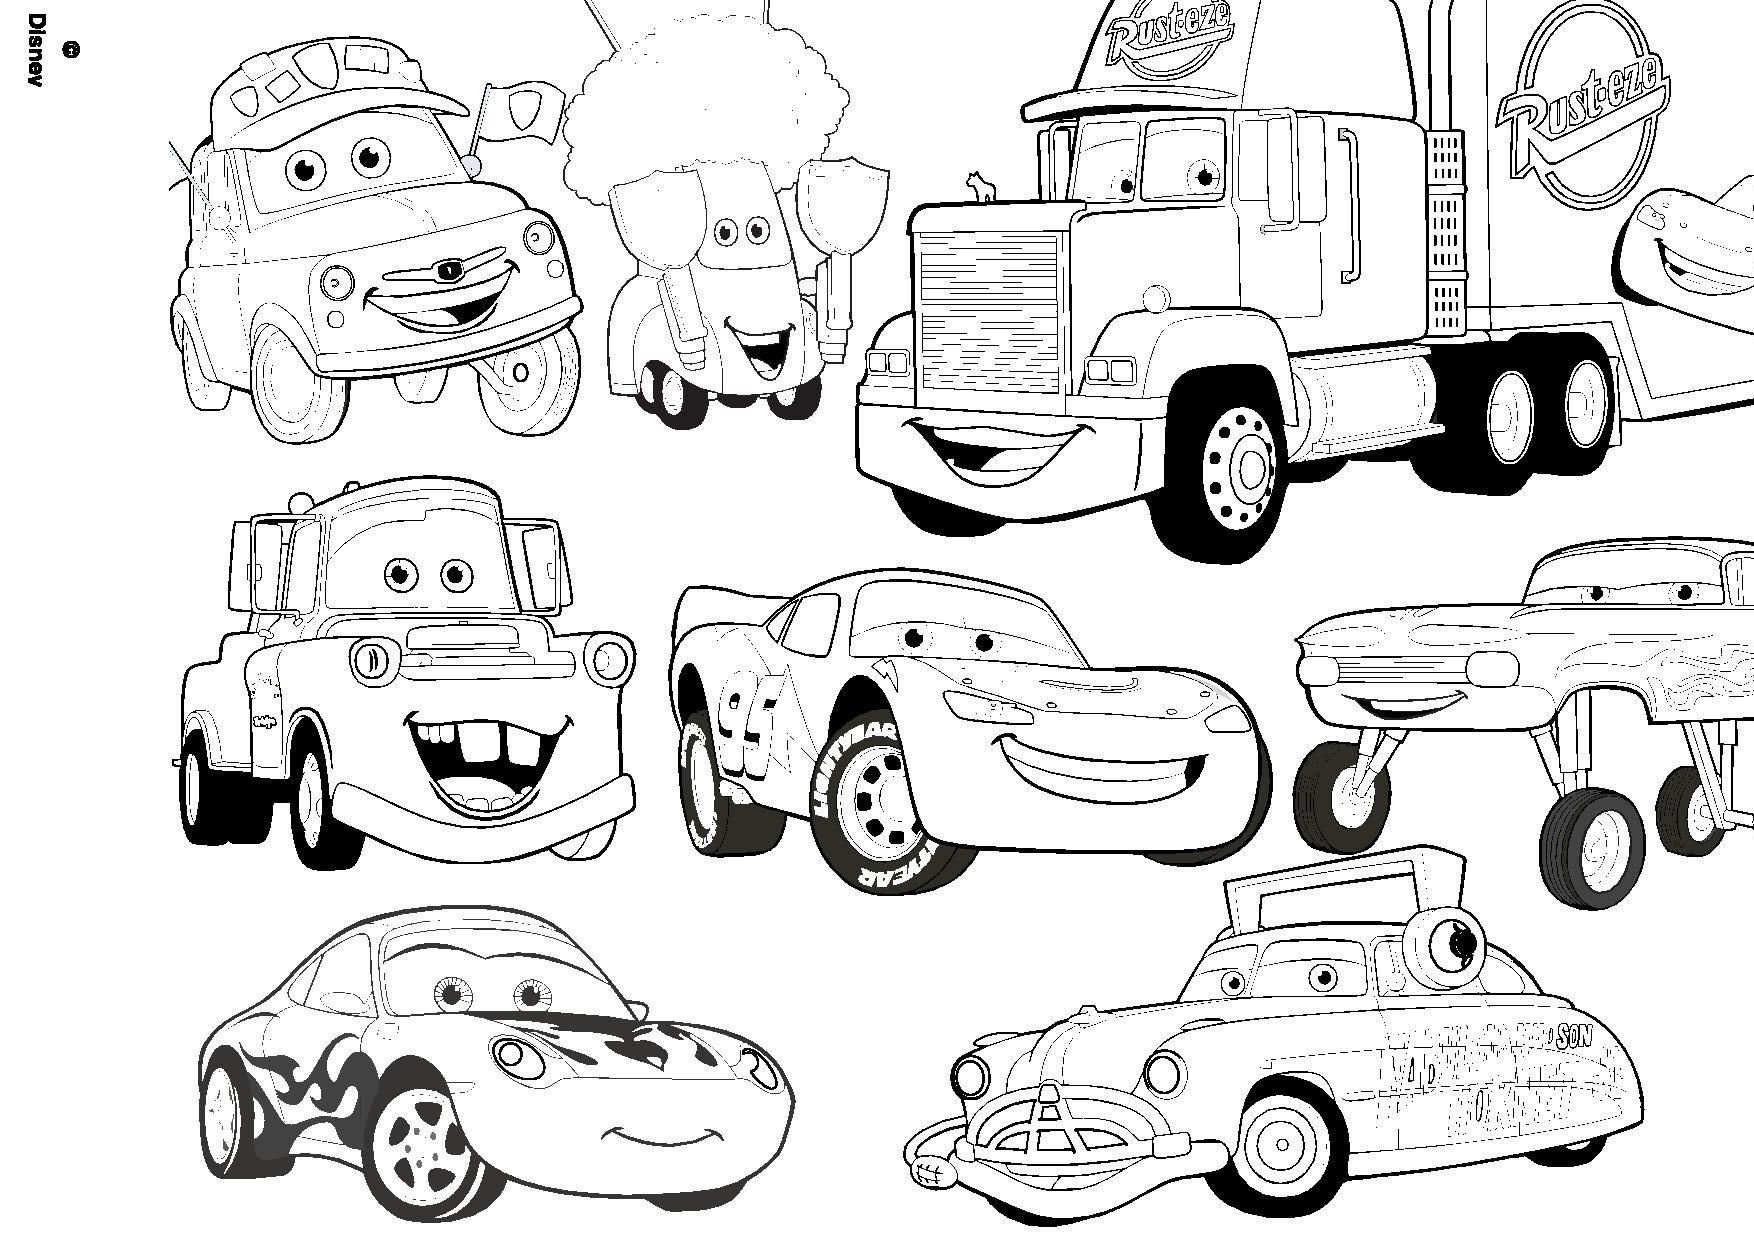 Dessins Gratuits À Colorier - Coloriage Cars Disney À Imprimer à Dessin A Imprimer Gratuit Cars